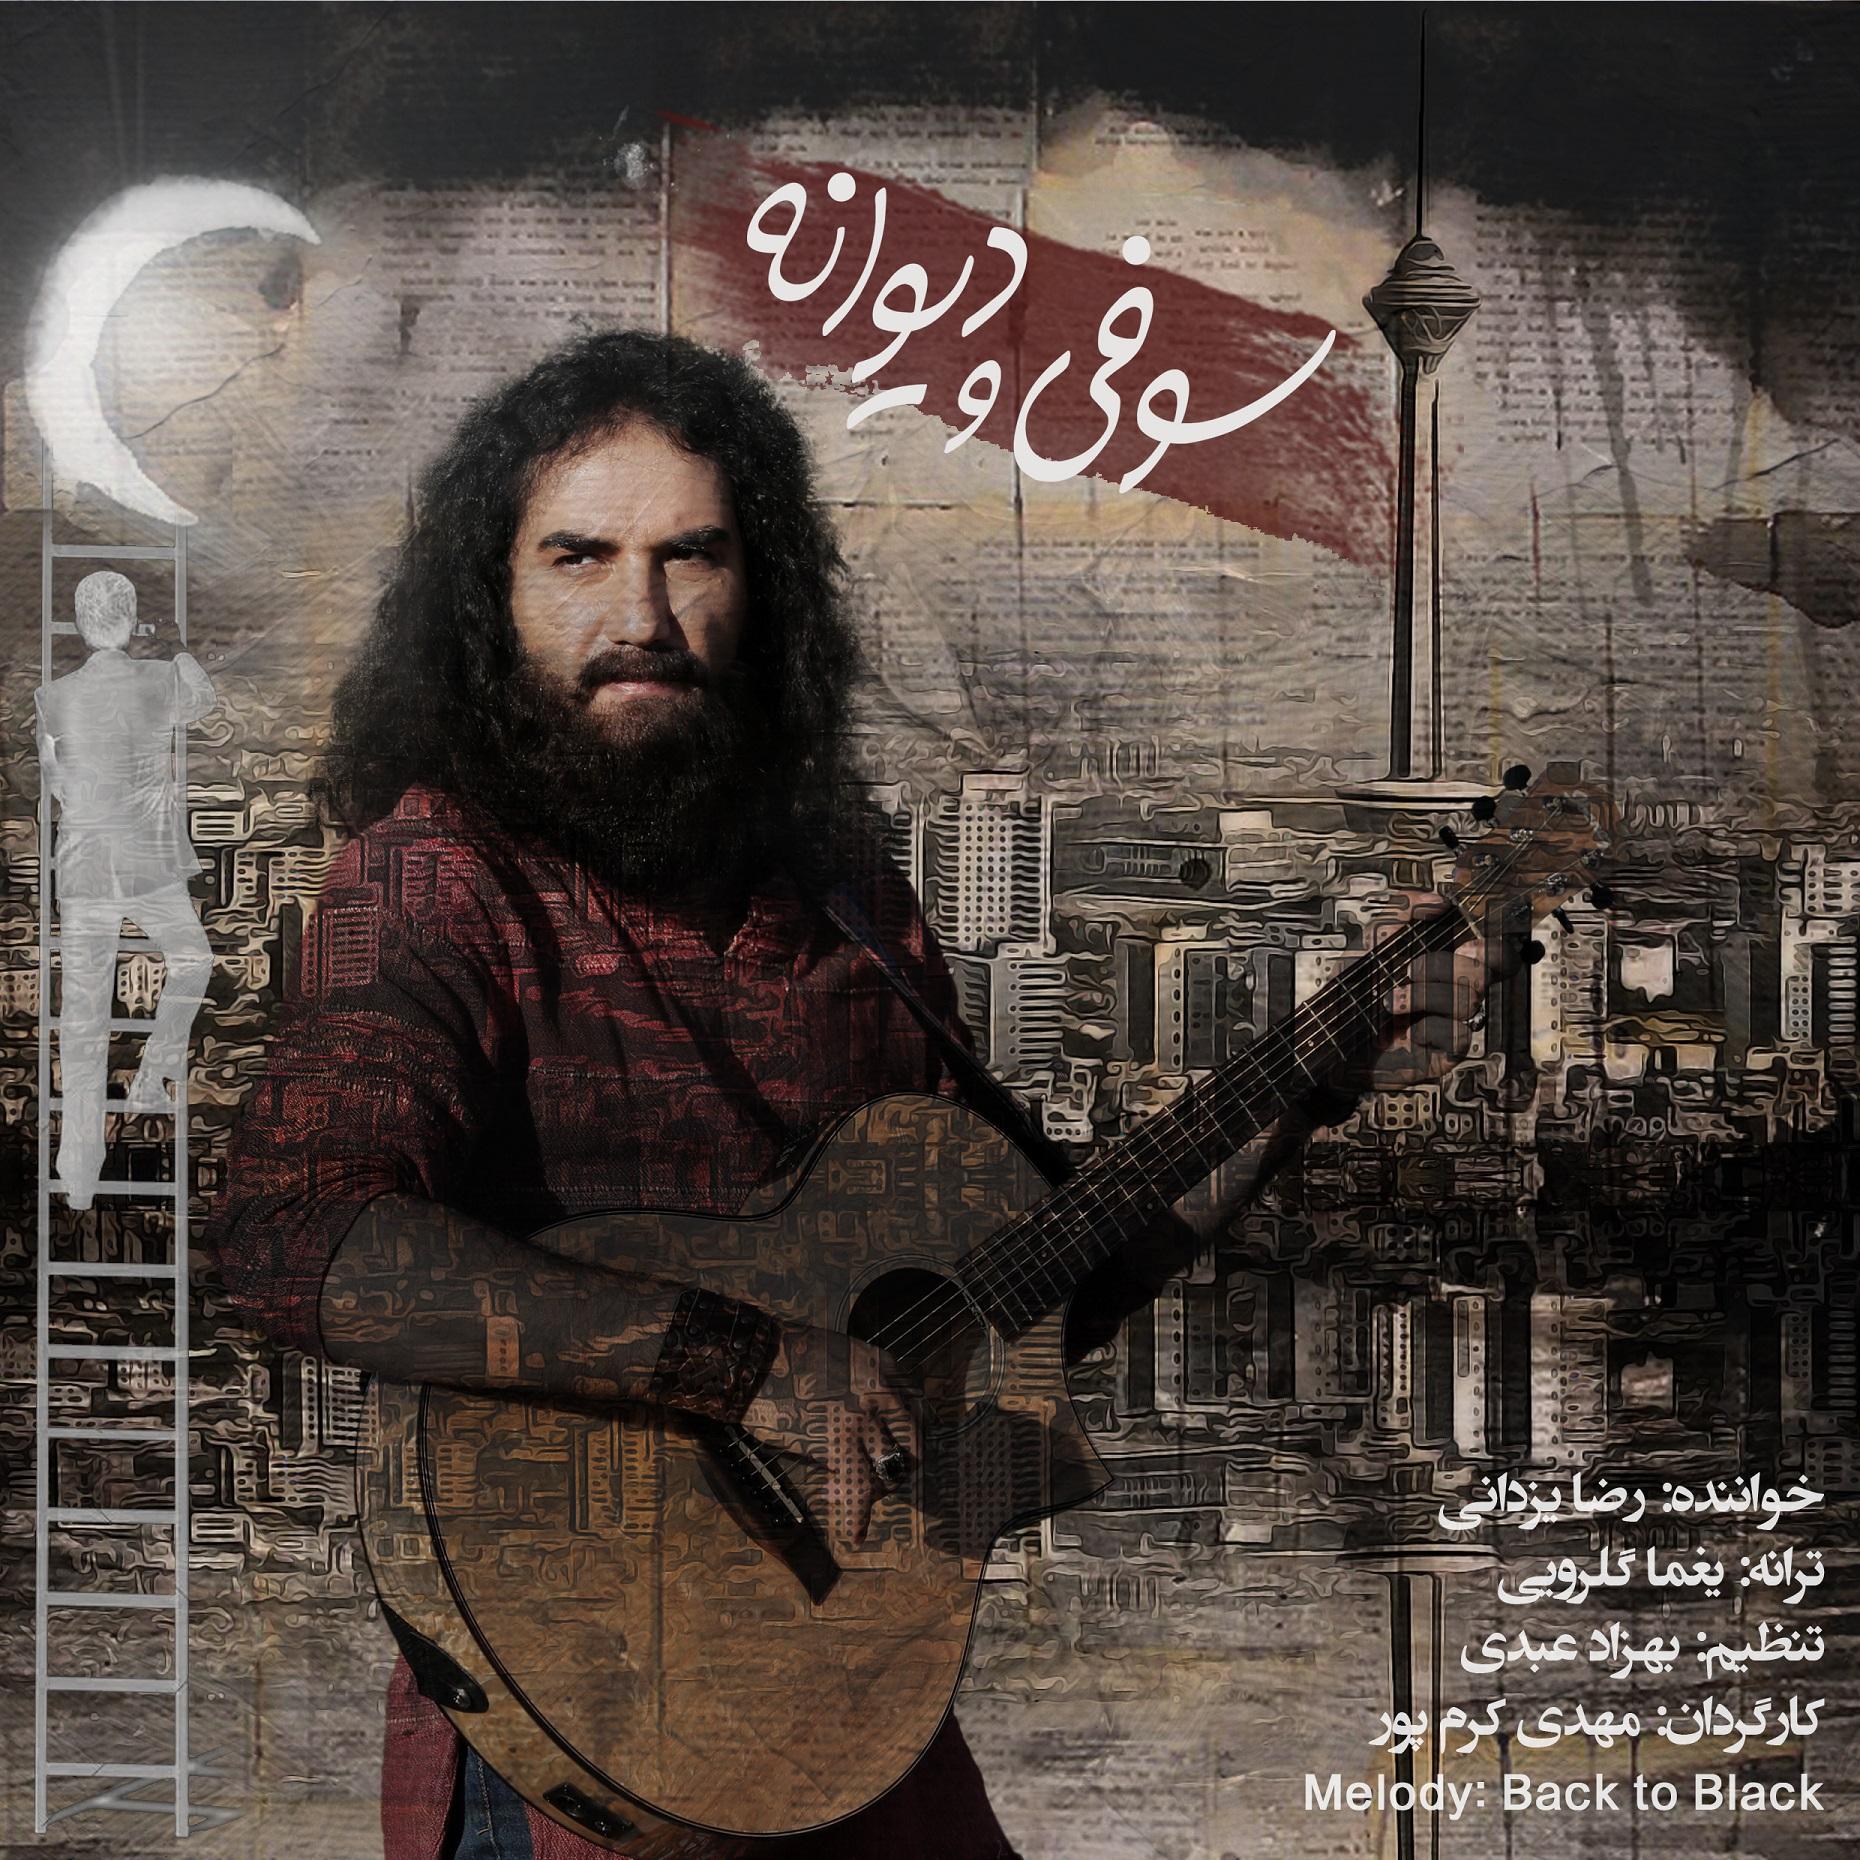 آنلاین از موسیقی ایرانیان ببینید و بشنوید